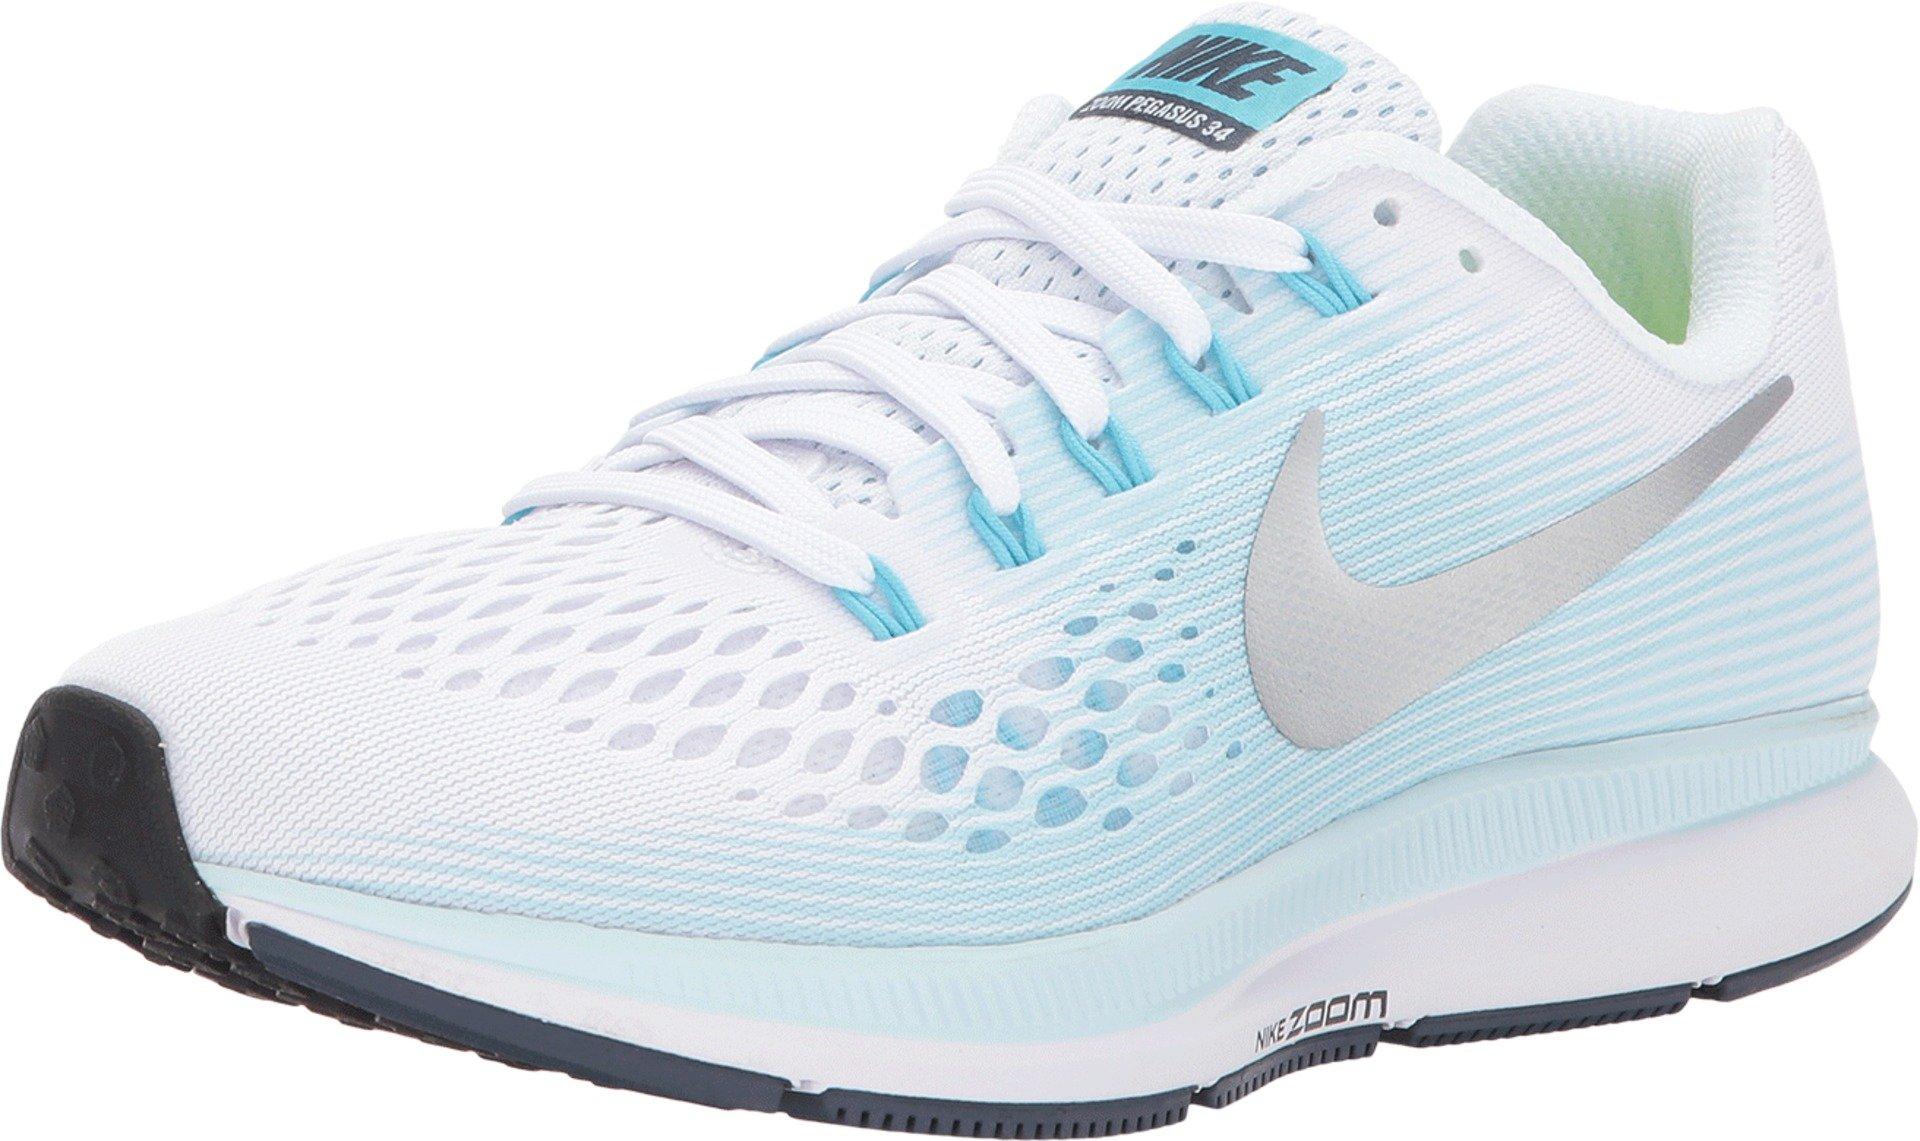 Nike Women's Air Zoom Pegasus 34 Running Shoes (9.5 B US, White/Metallic Silver)